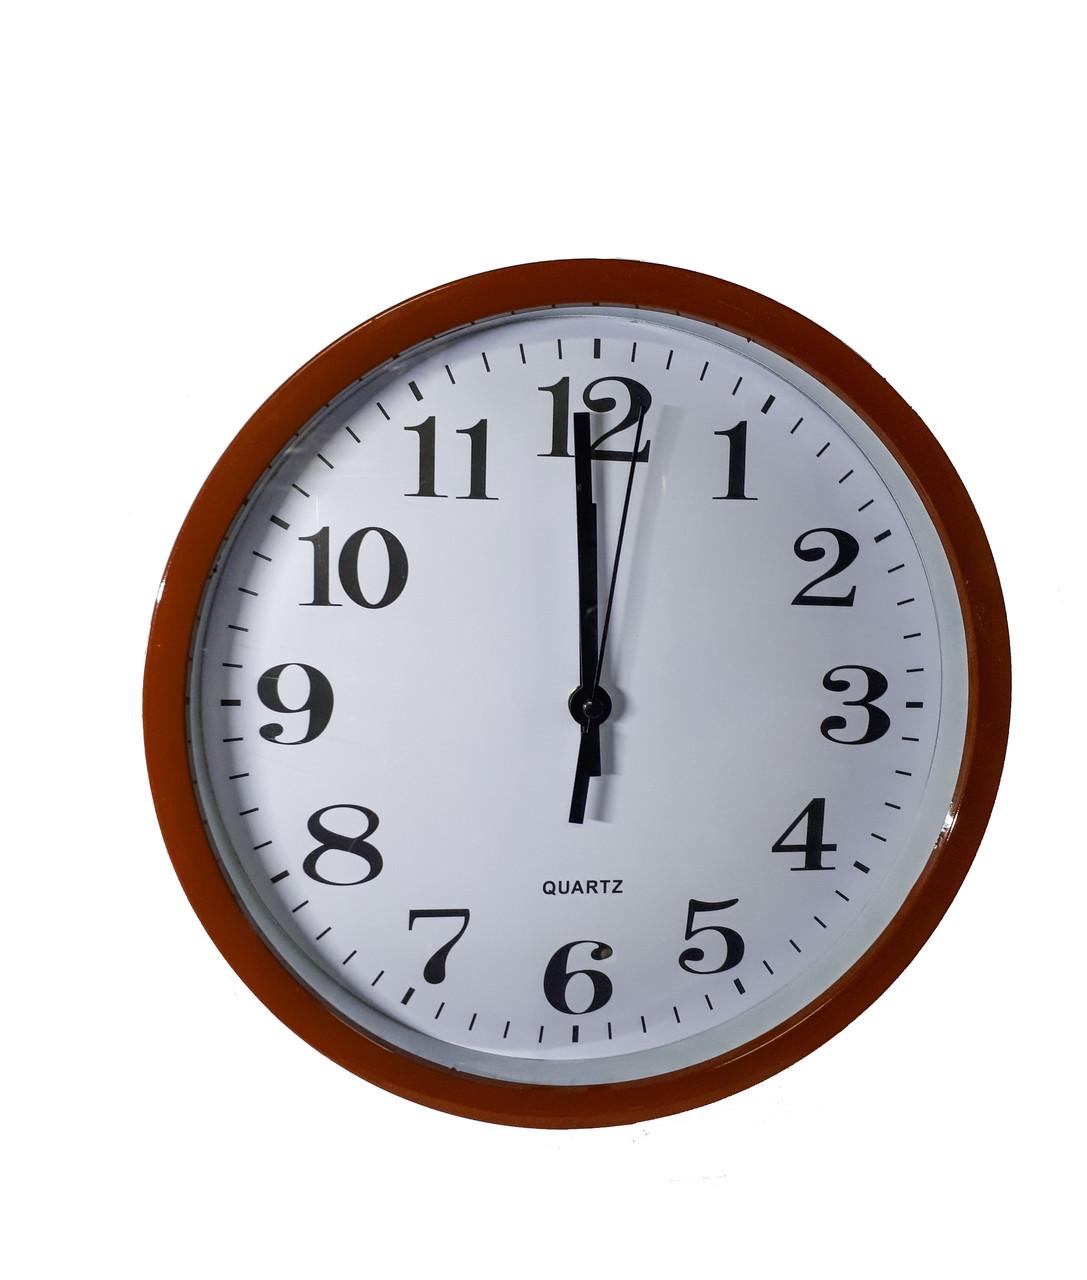 Часы настенные круглые Abir 201BLR  Коричневый